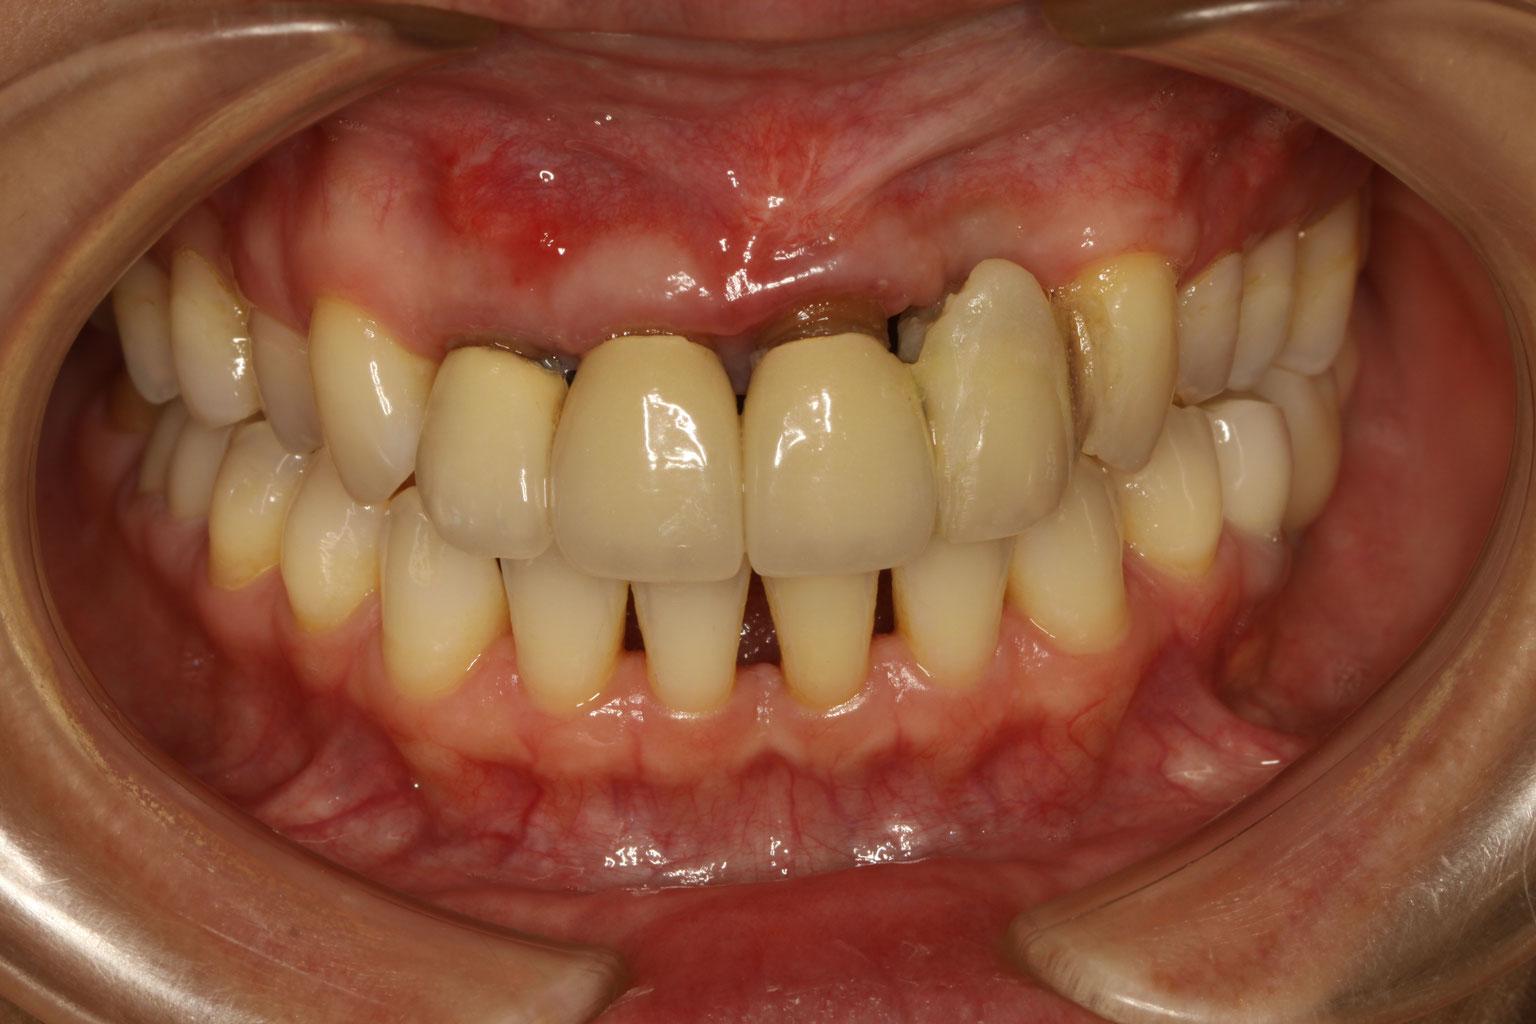 インプラントの歯茎の再生は難しい?        医療法人社団歯健会神田ふくしま歯科の住所・連絡先    歯科専門HP